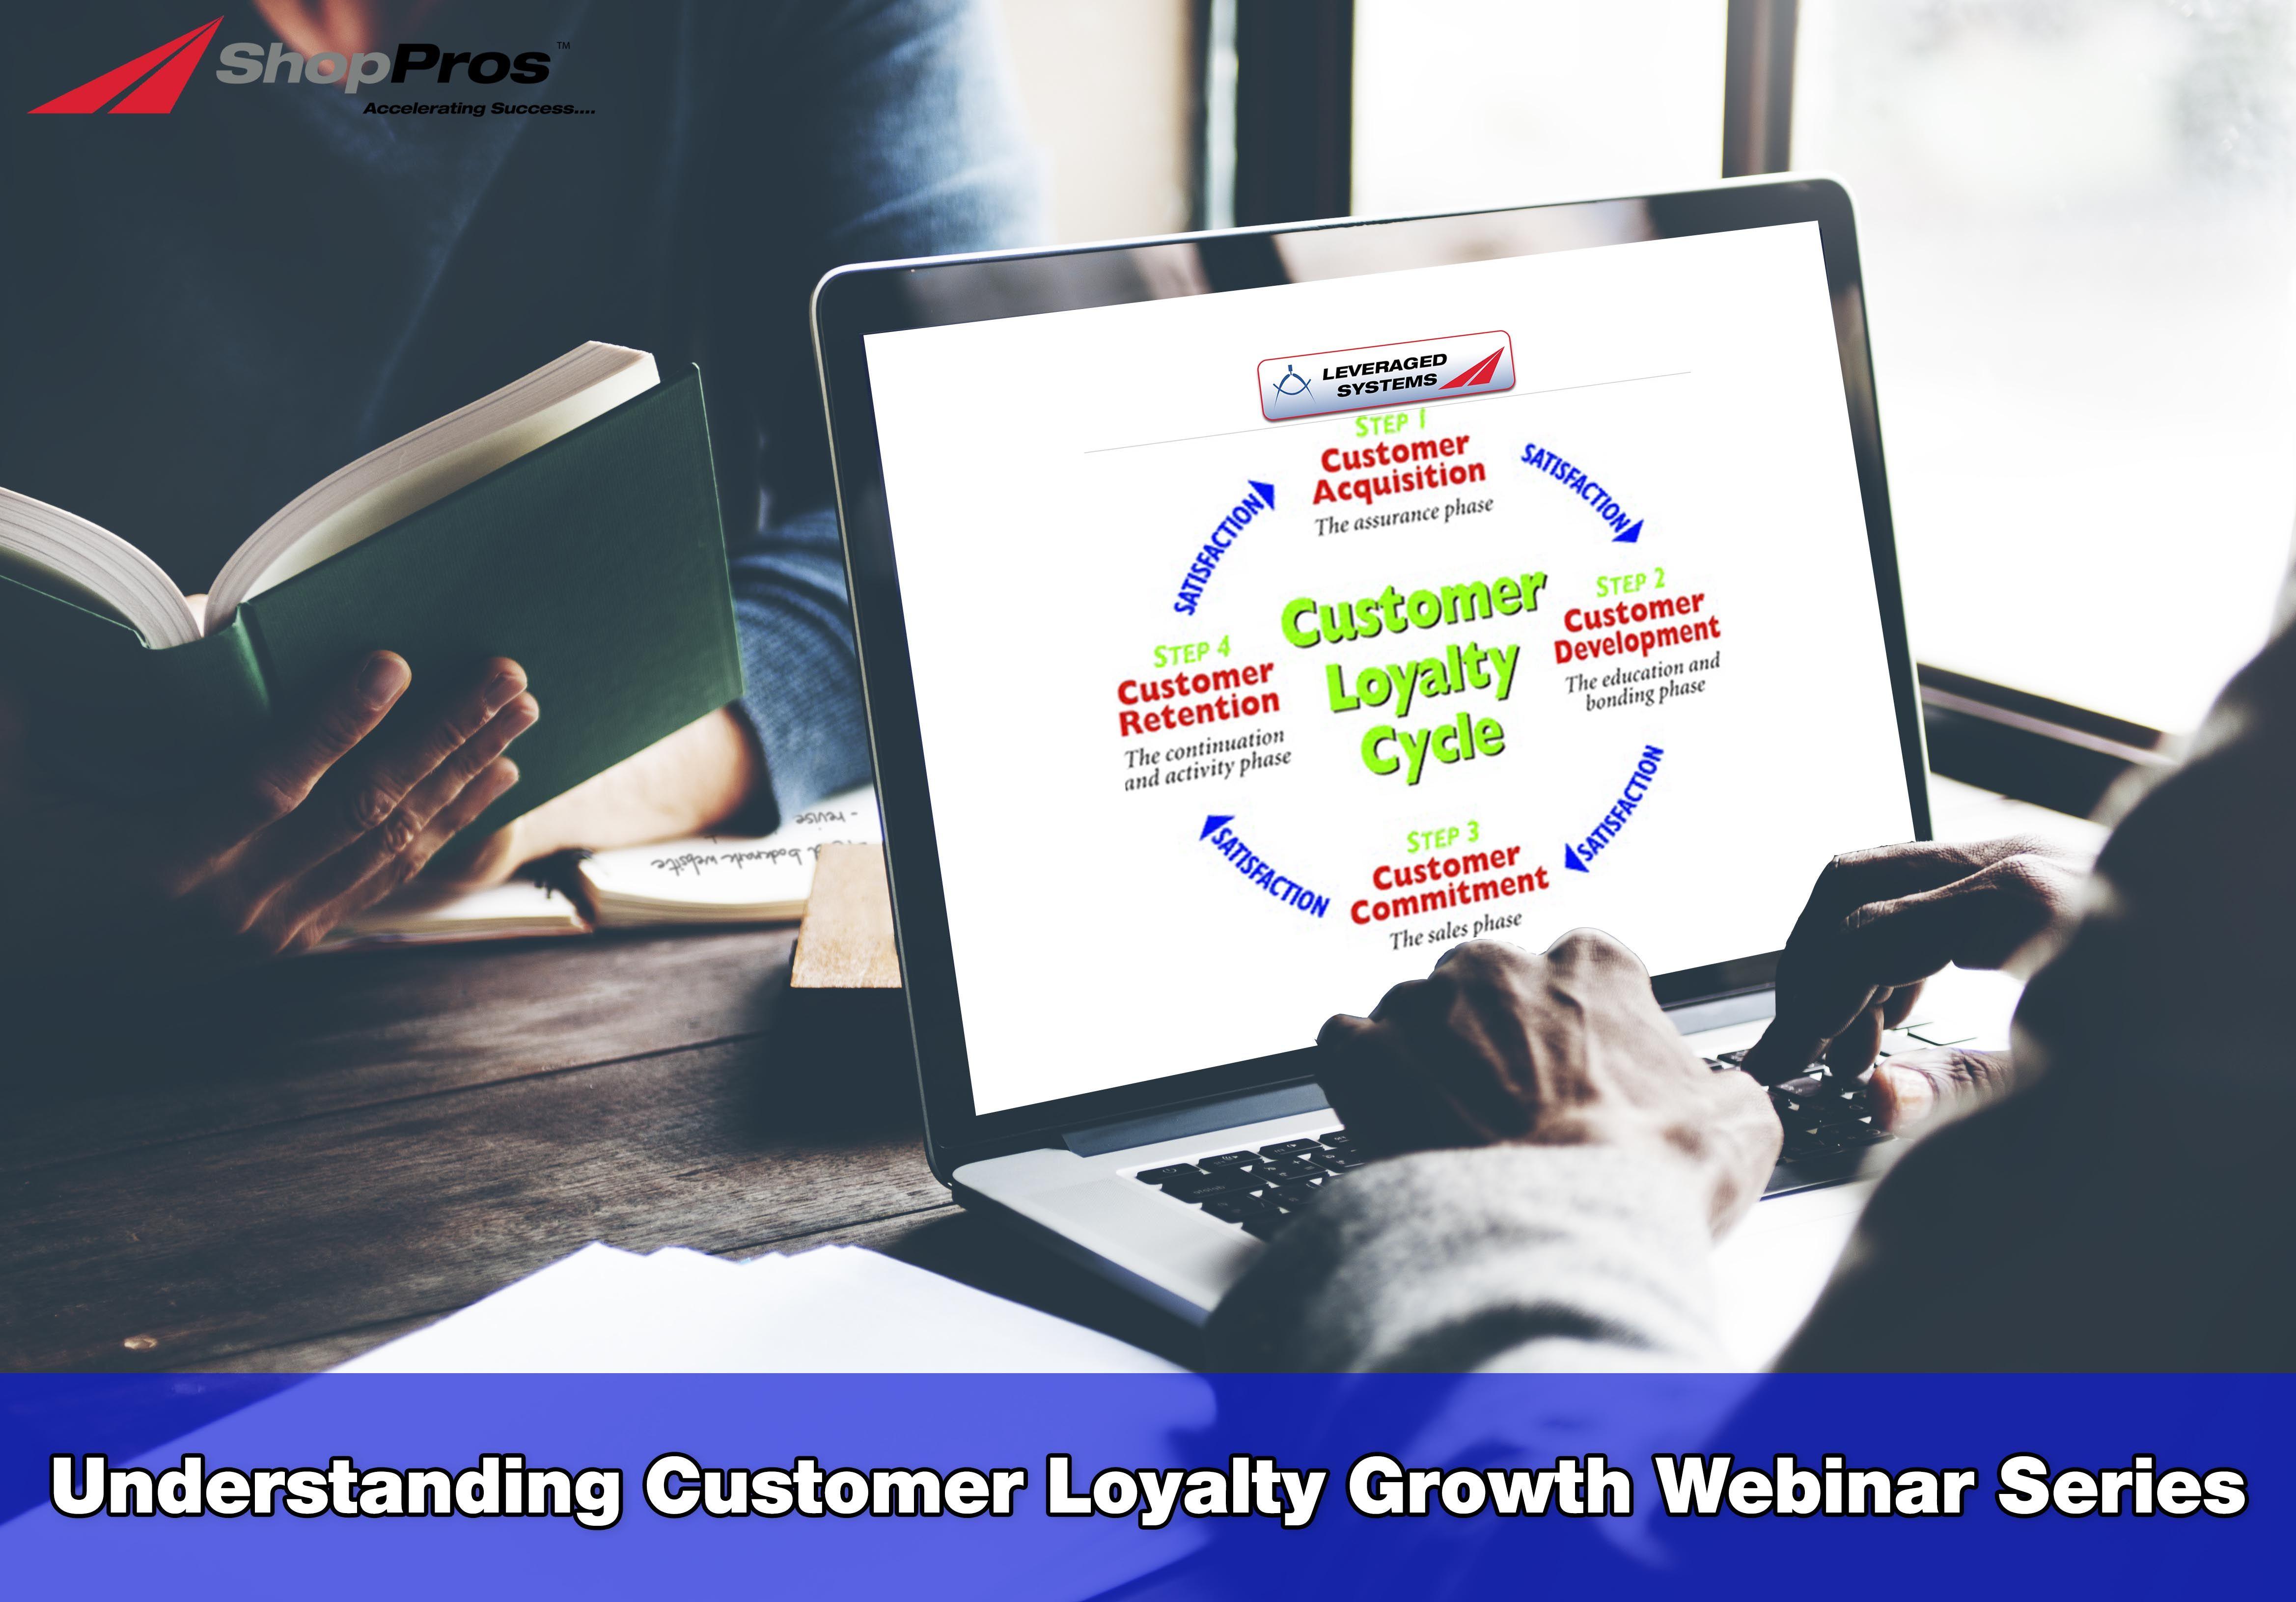 Understanding Customer Loyalty Growth Webinar Series